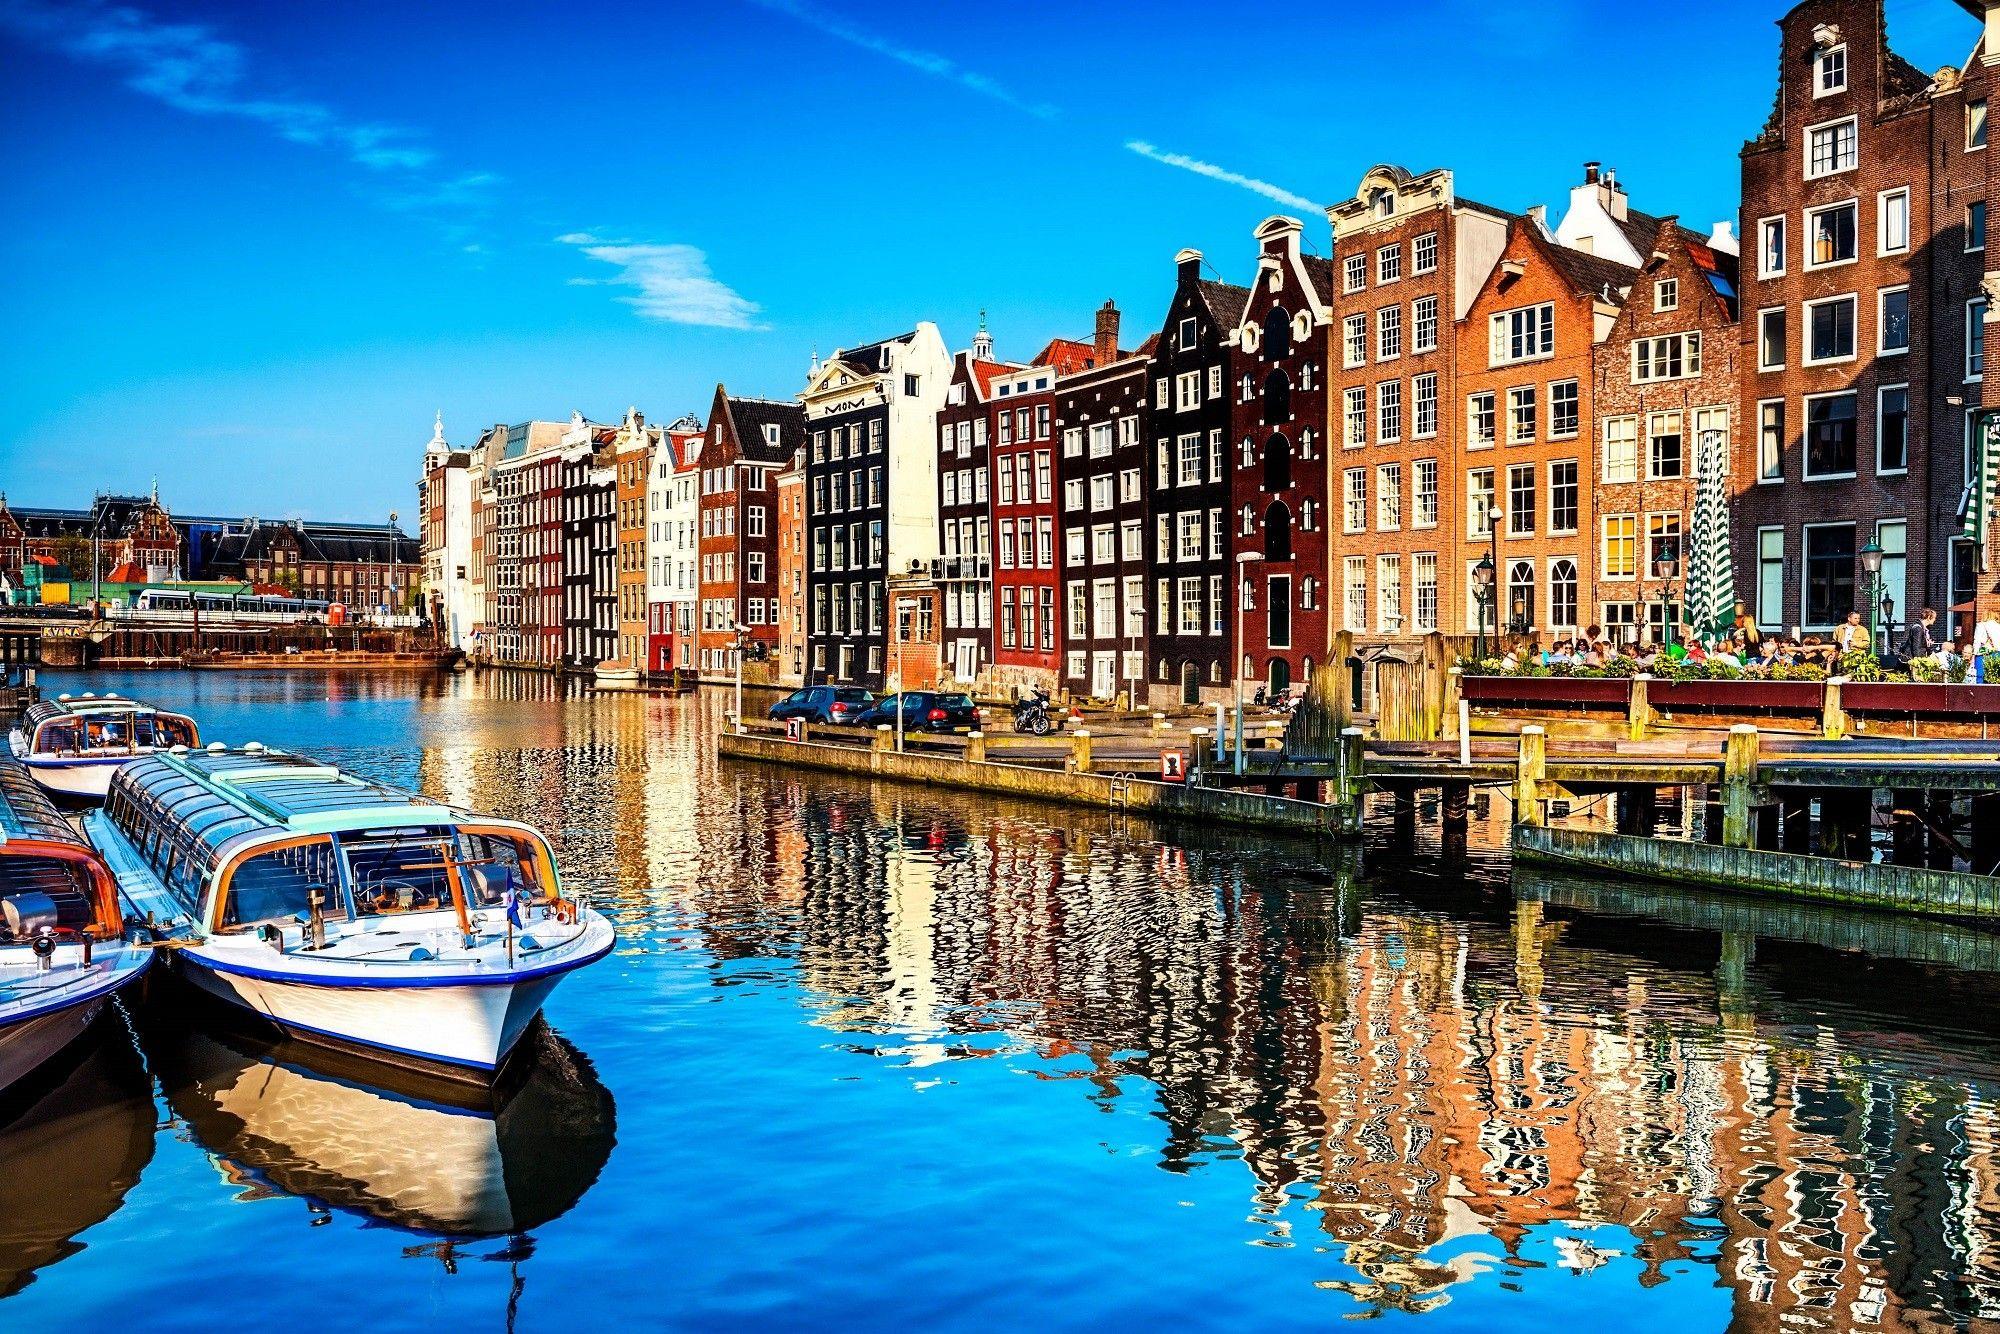 Amsterdam capodanno in liberta 39 shop online 22 viaggi for Amsterdam capodanno offerte